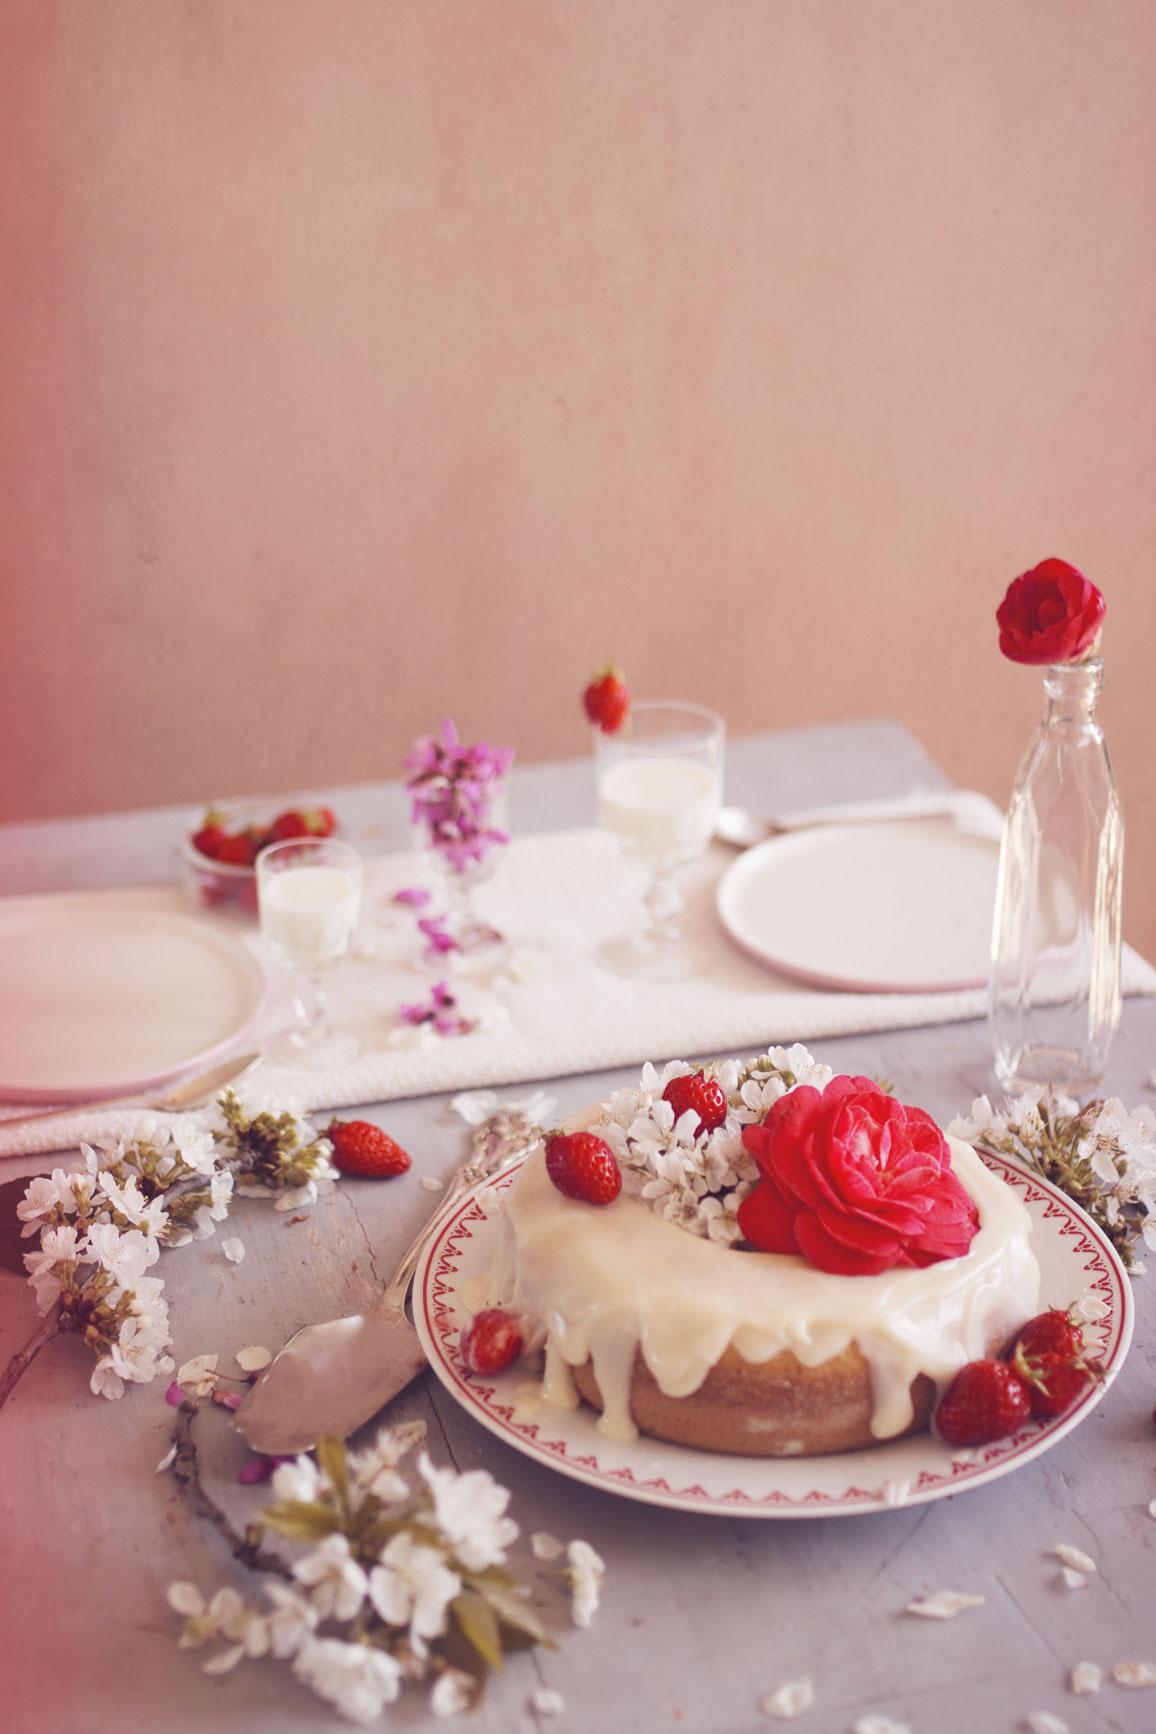 photographie culinaire table gâteaux et assiettes à tours